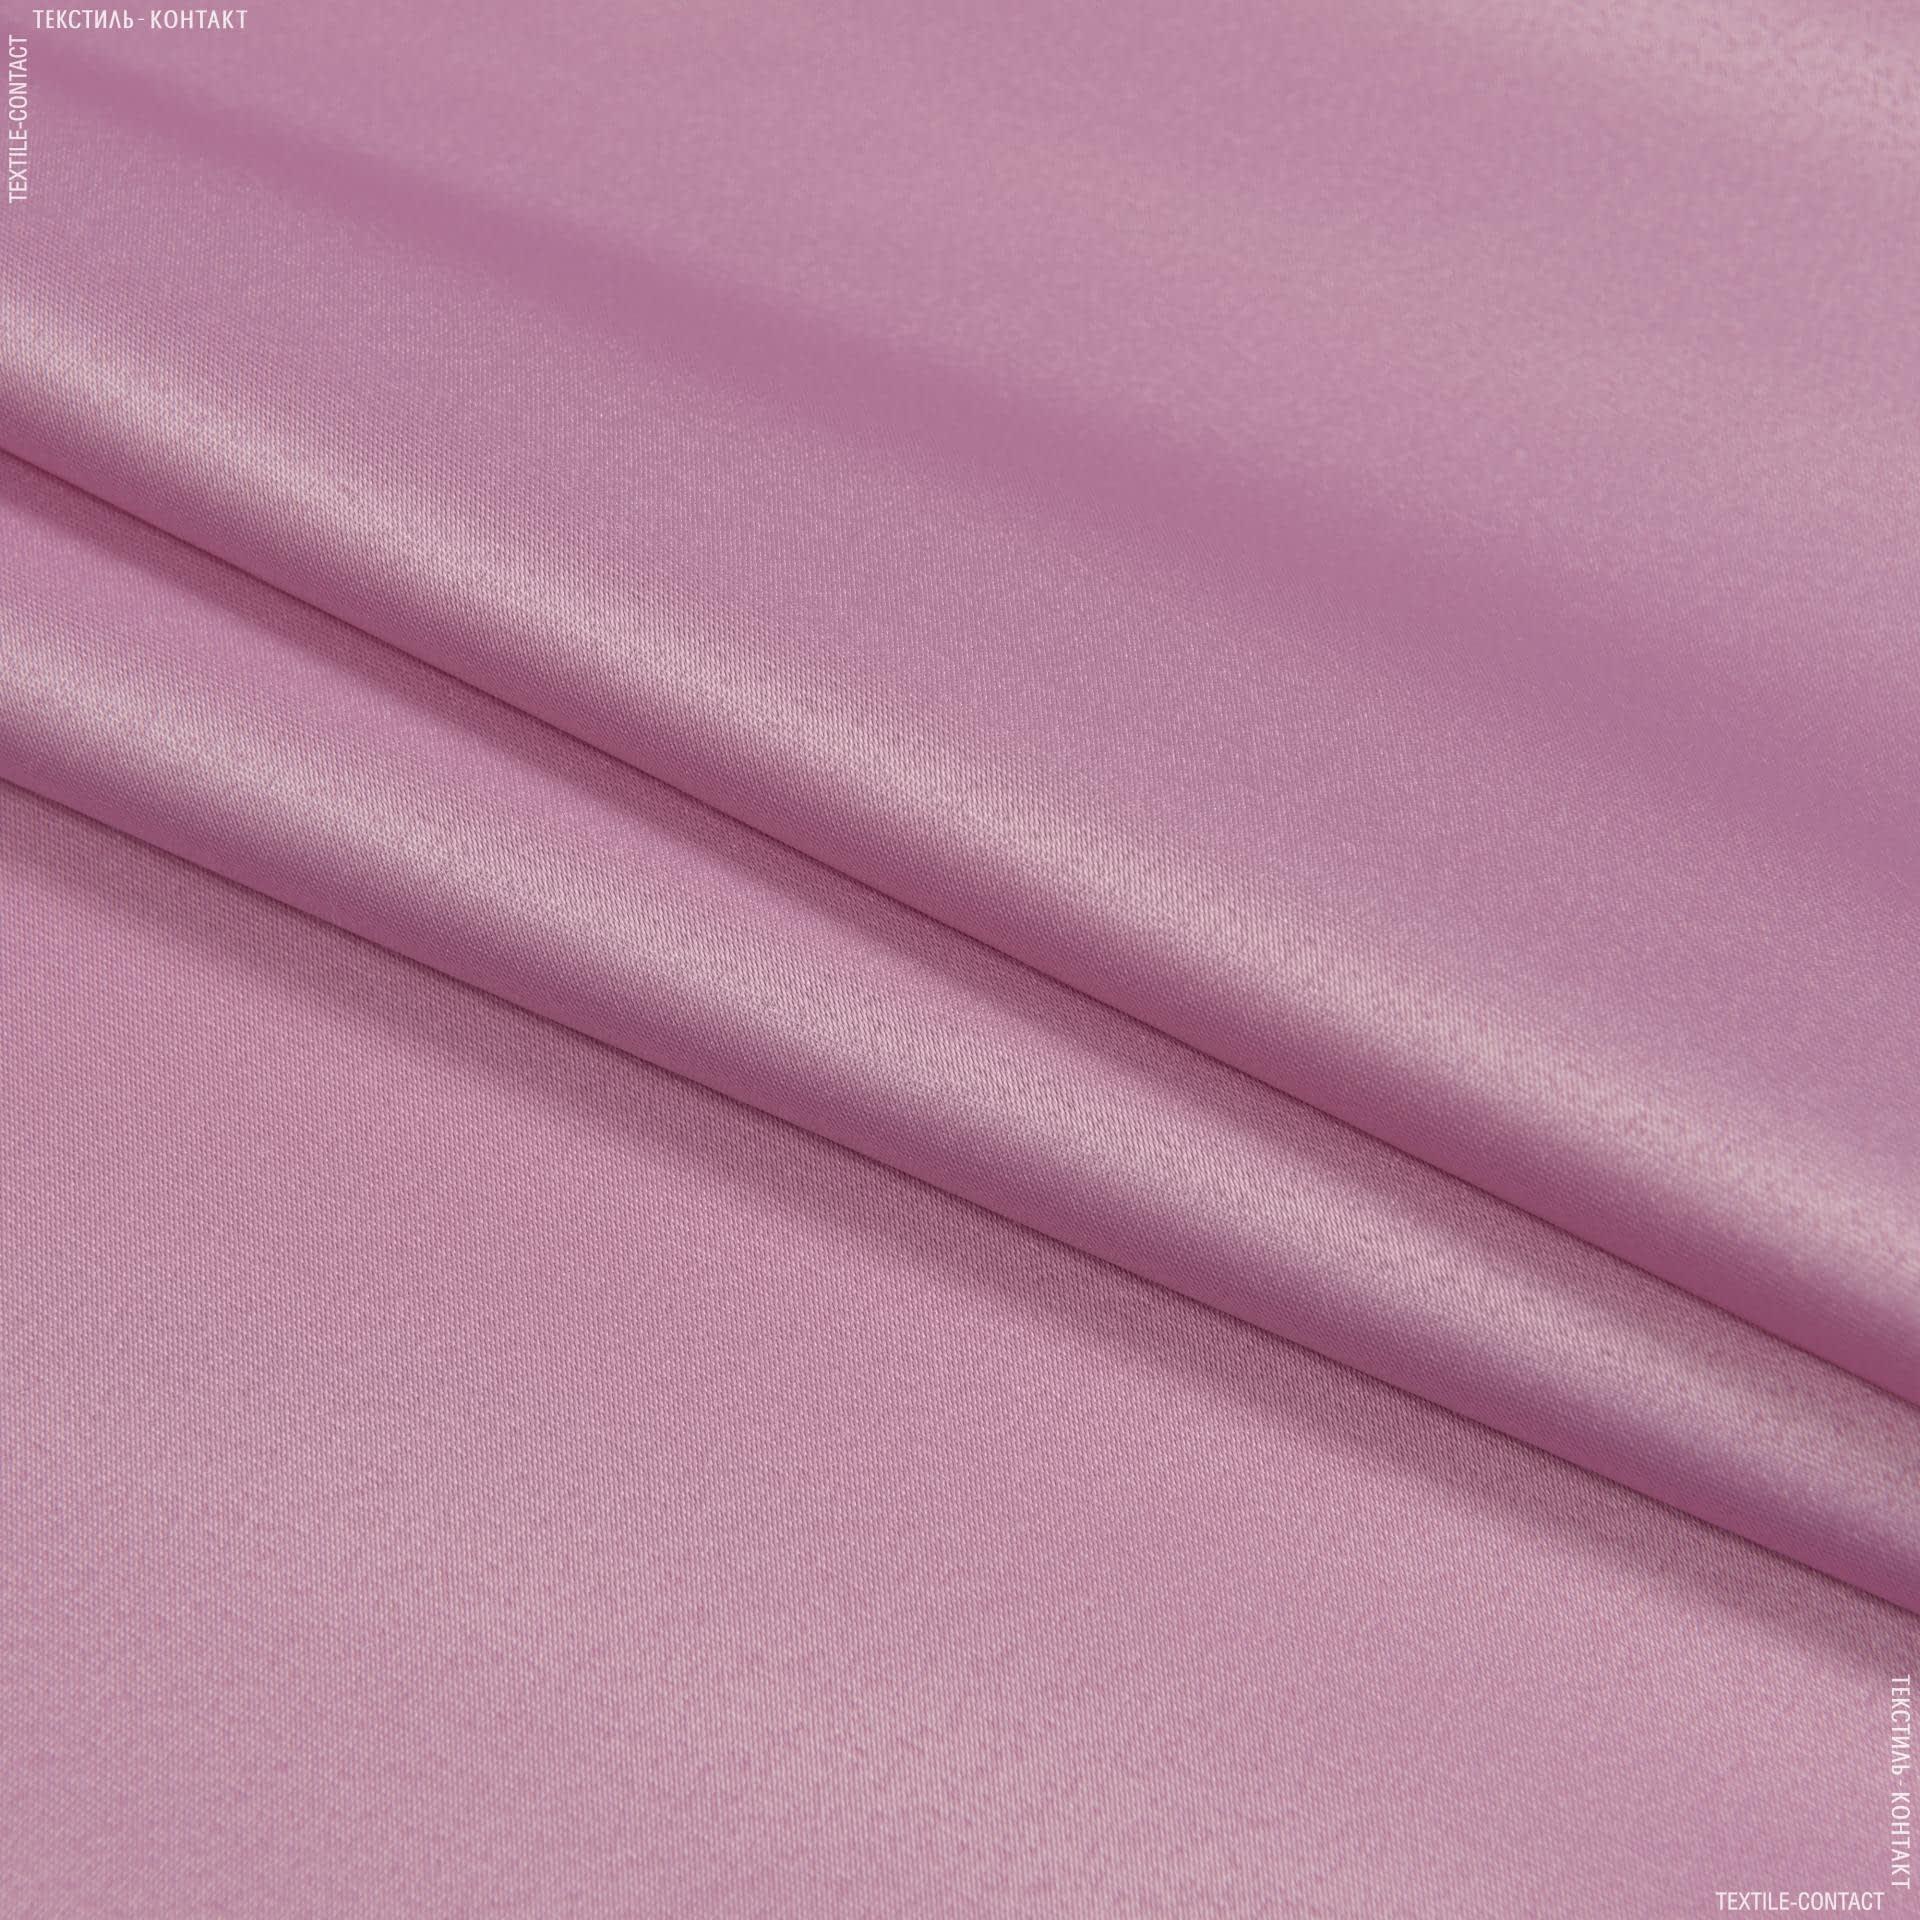 Ткани портьерные ткани - Декоративный  атлас дека/ deca /фрез